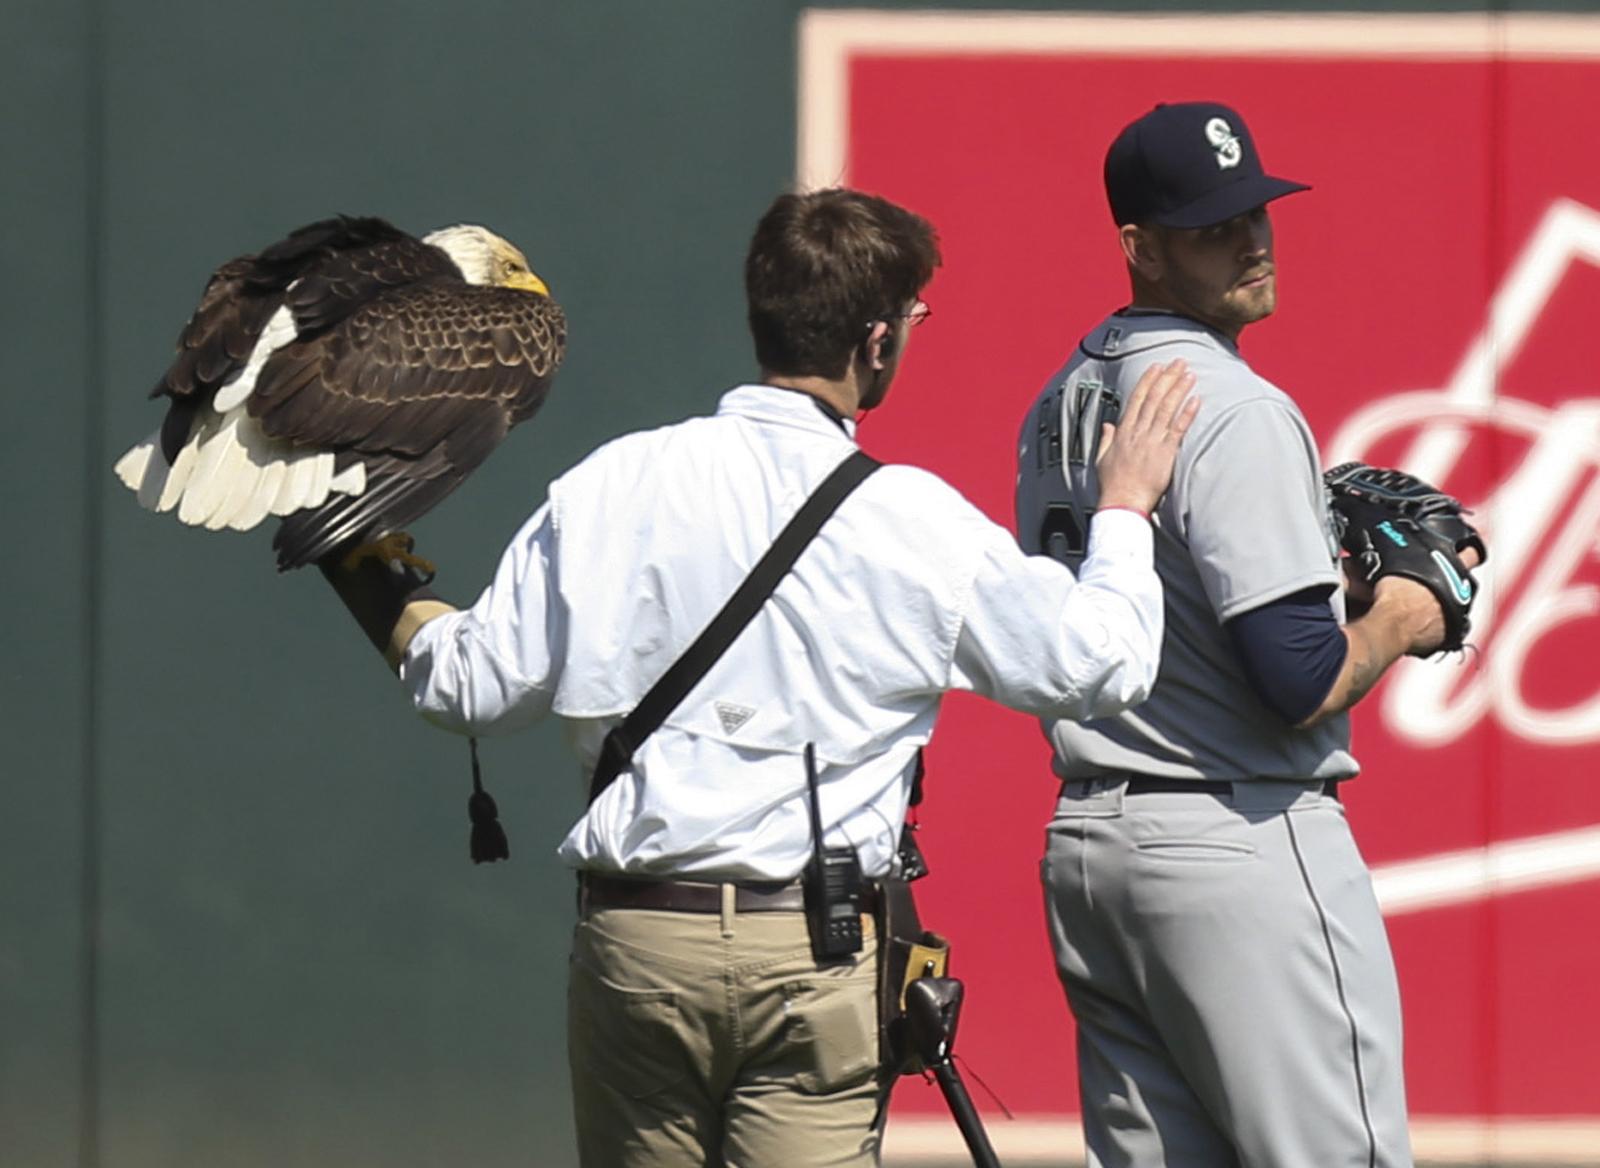 5일(현지시간) 시애틀 선발투수 제임스 팩스턴에게 날아들었던 독수리를 야구장 관계자가 떼어낸 후 팩스턴의 어깨를 두드리고 있다. [AP=연합뉴스]